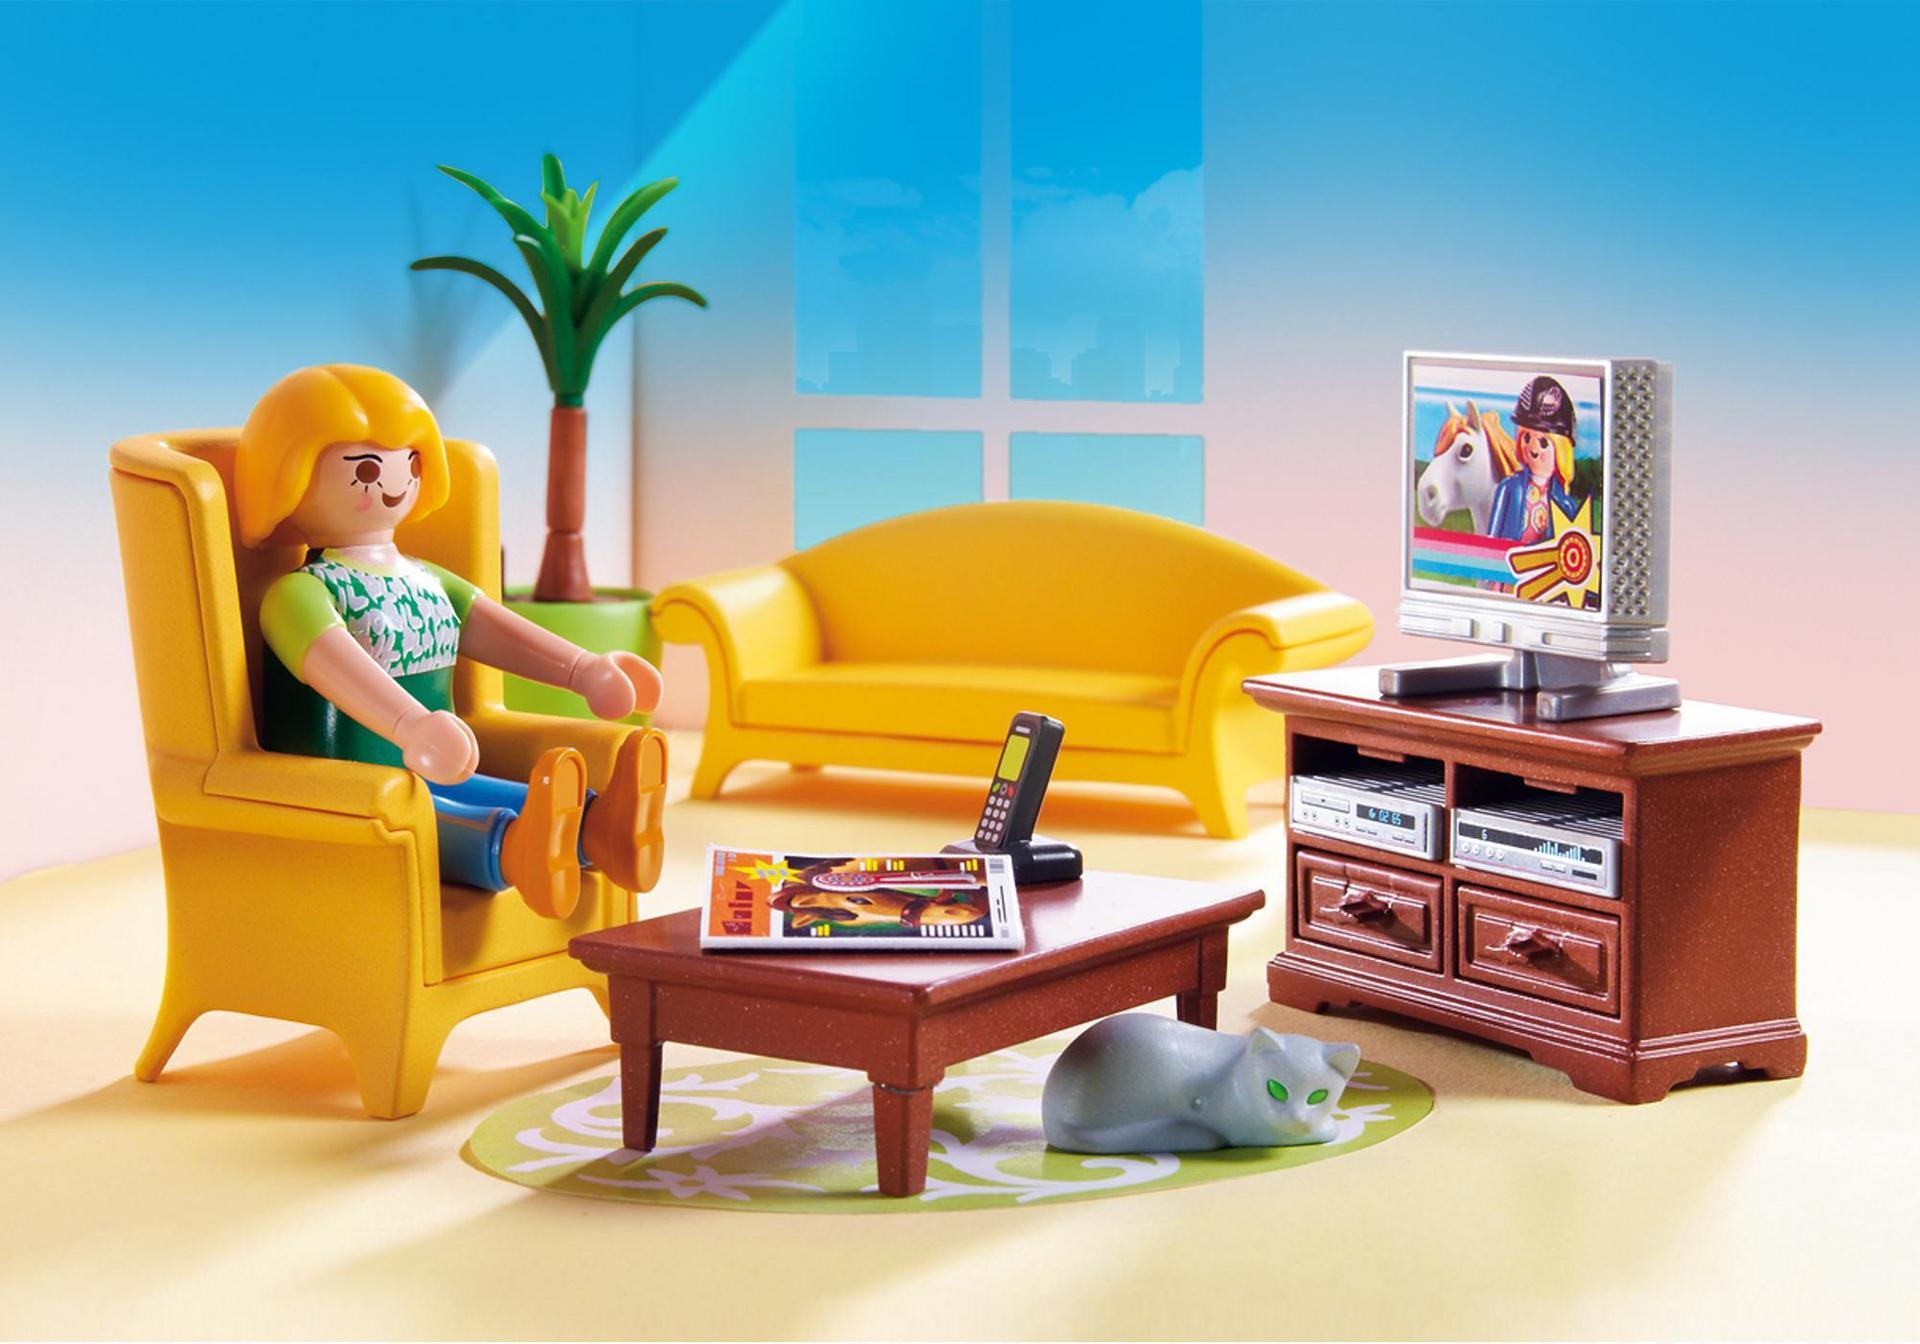 Ausmalbilder Playmobil Wohnzimmer : Wohnzimmer Mit Kaminofen 5308 Playmobil Deutschland